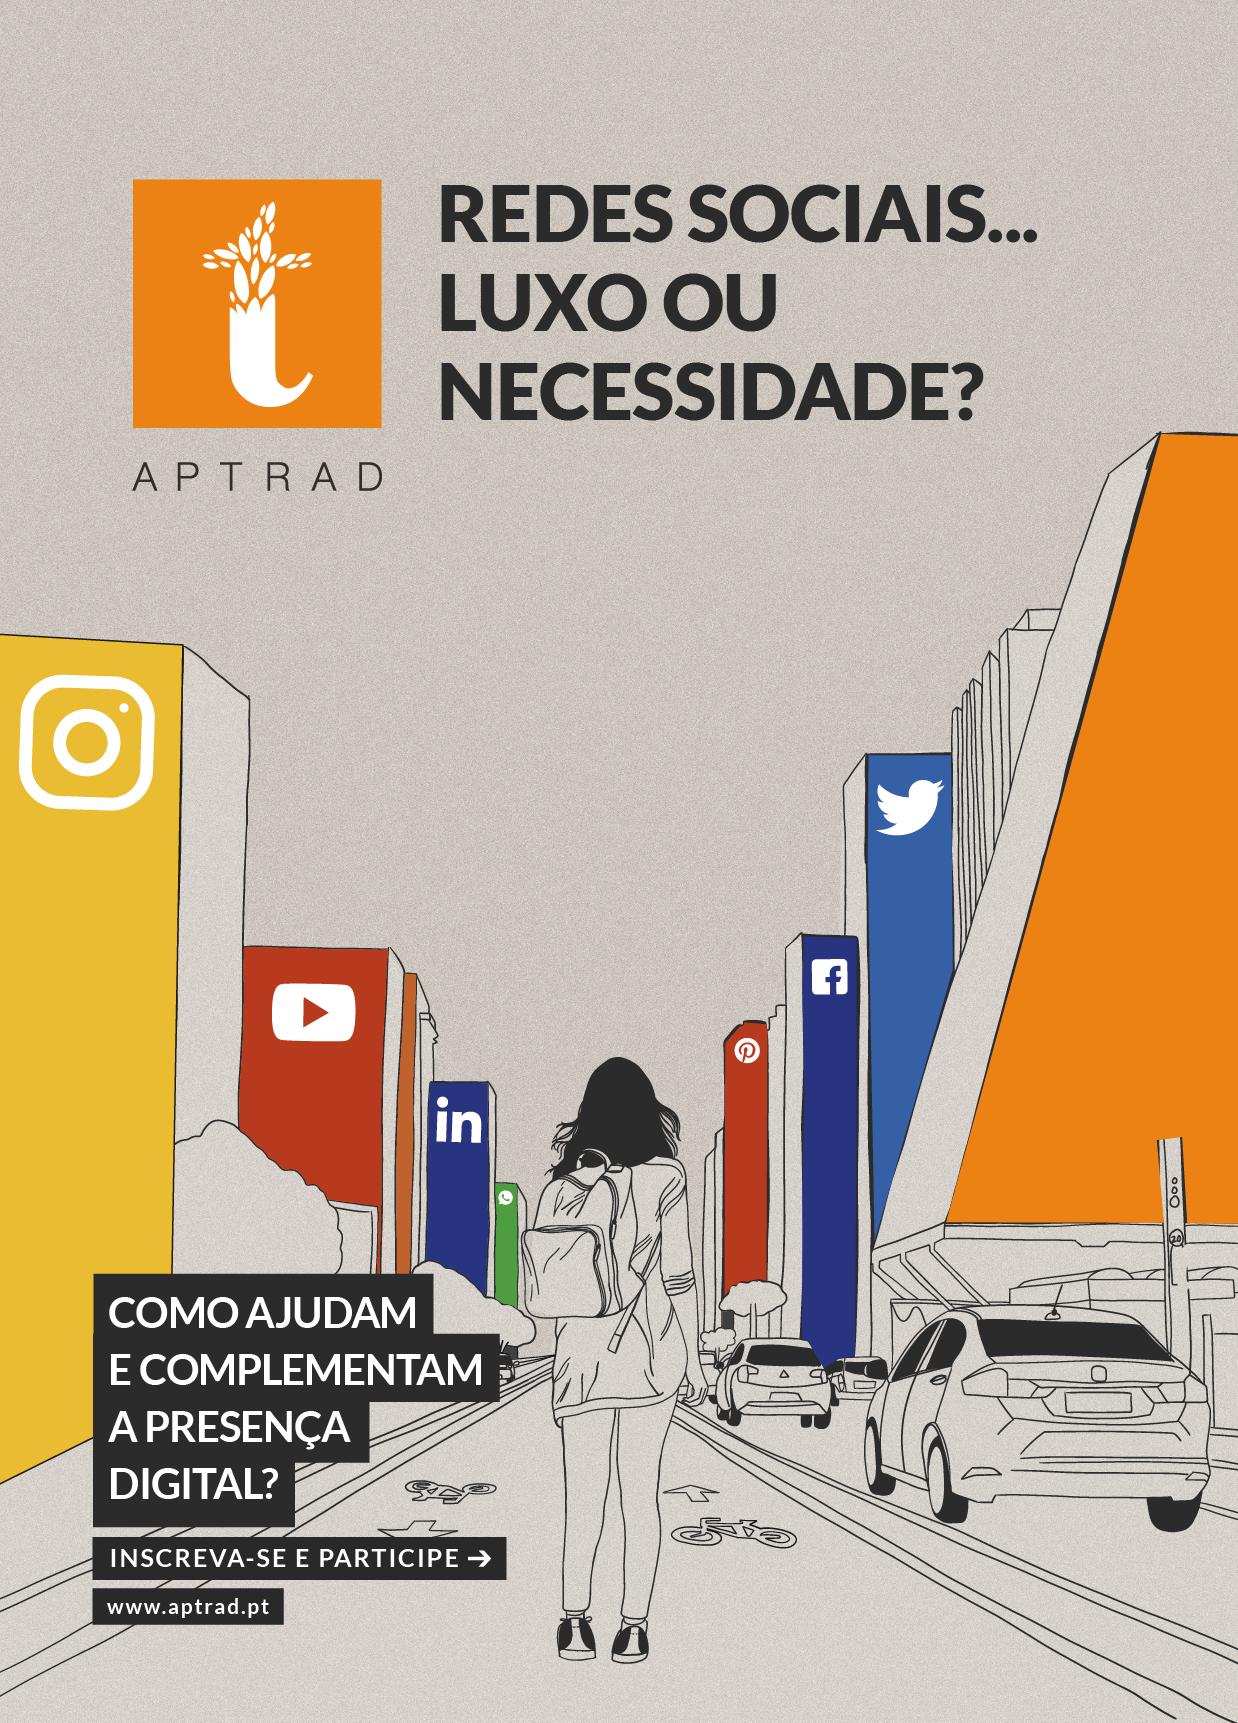 Redes Sociais... Luxo ou Necessidade?